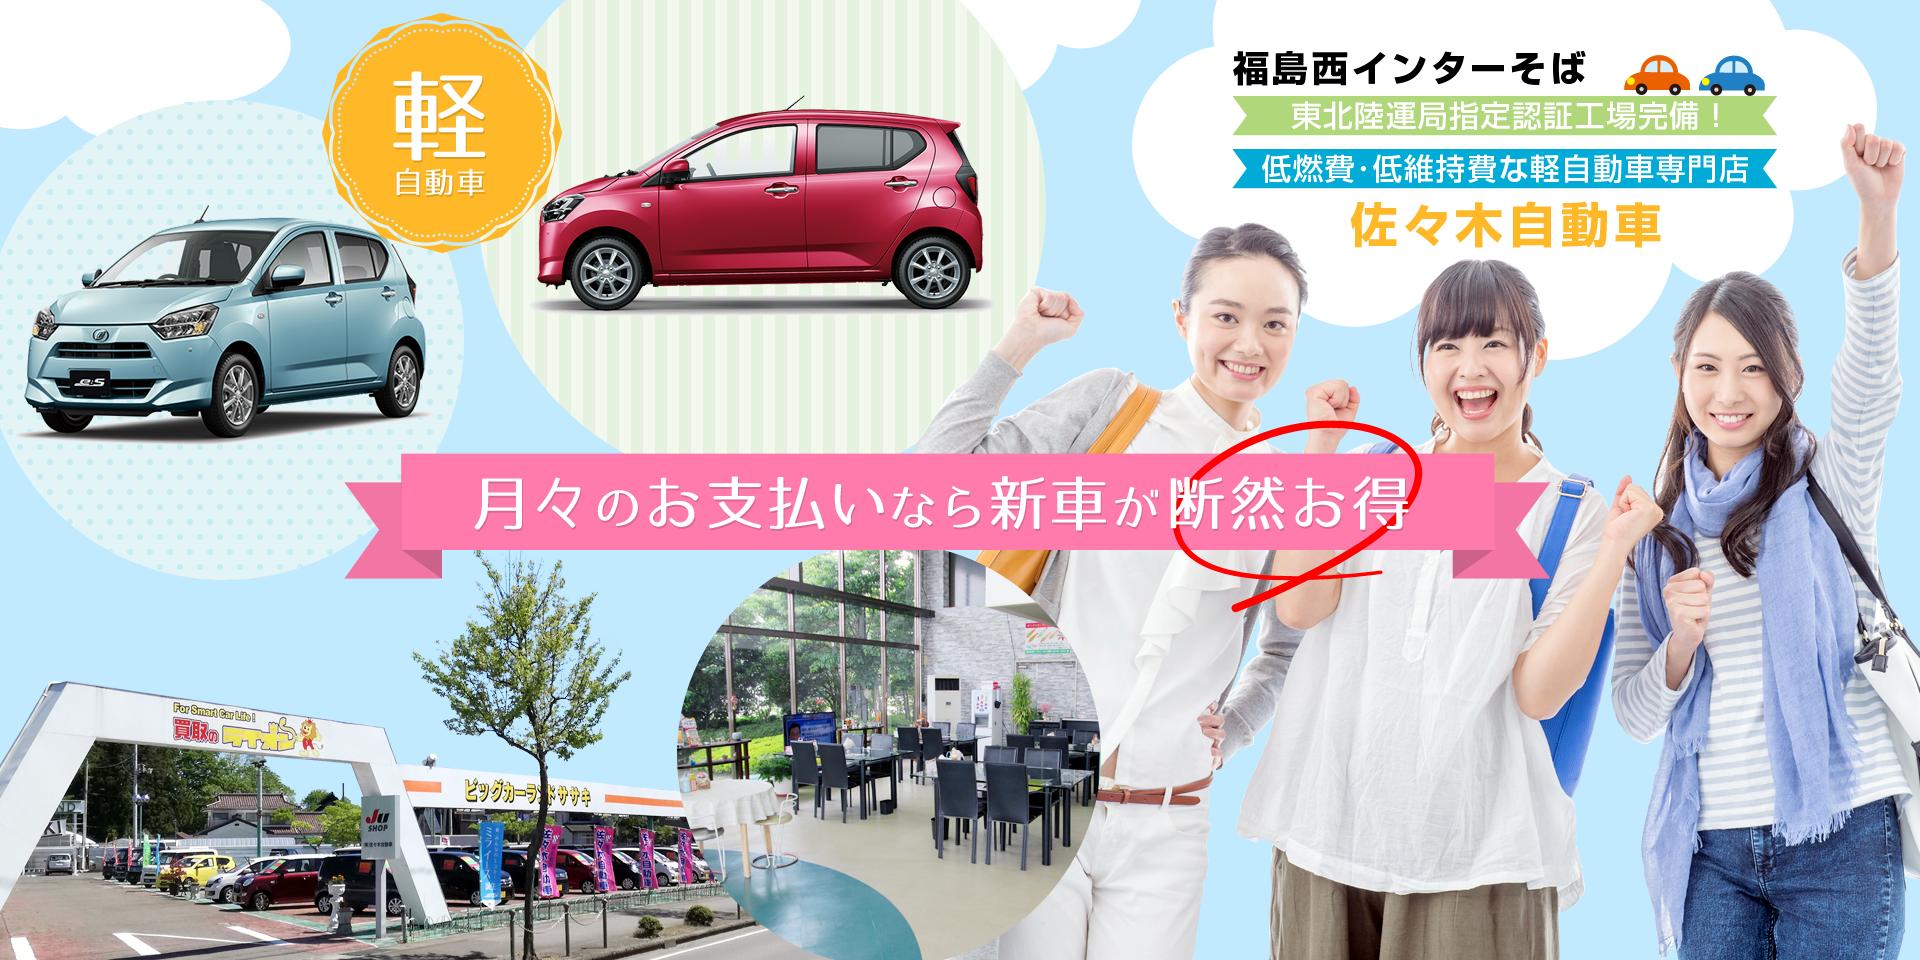 中古車 車検 福島市 佐々木自動車(カーリース 未使用車 軽自動車